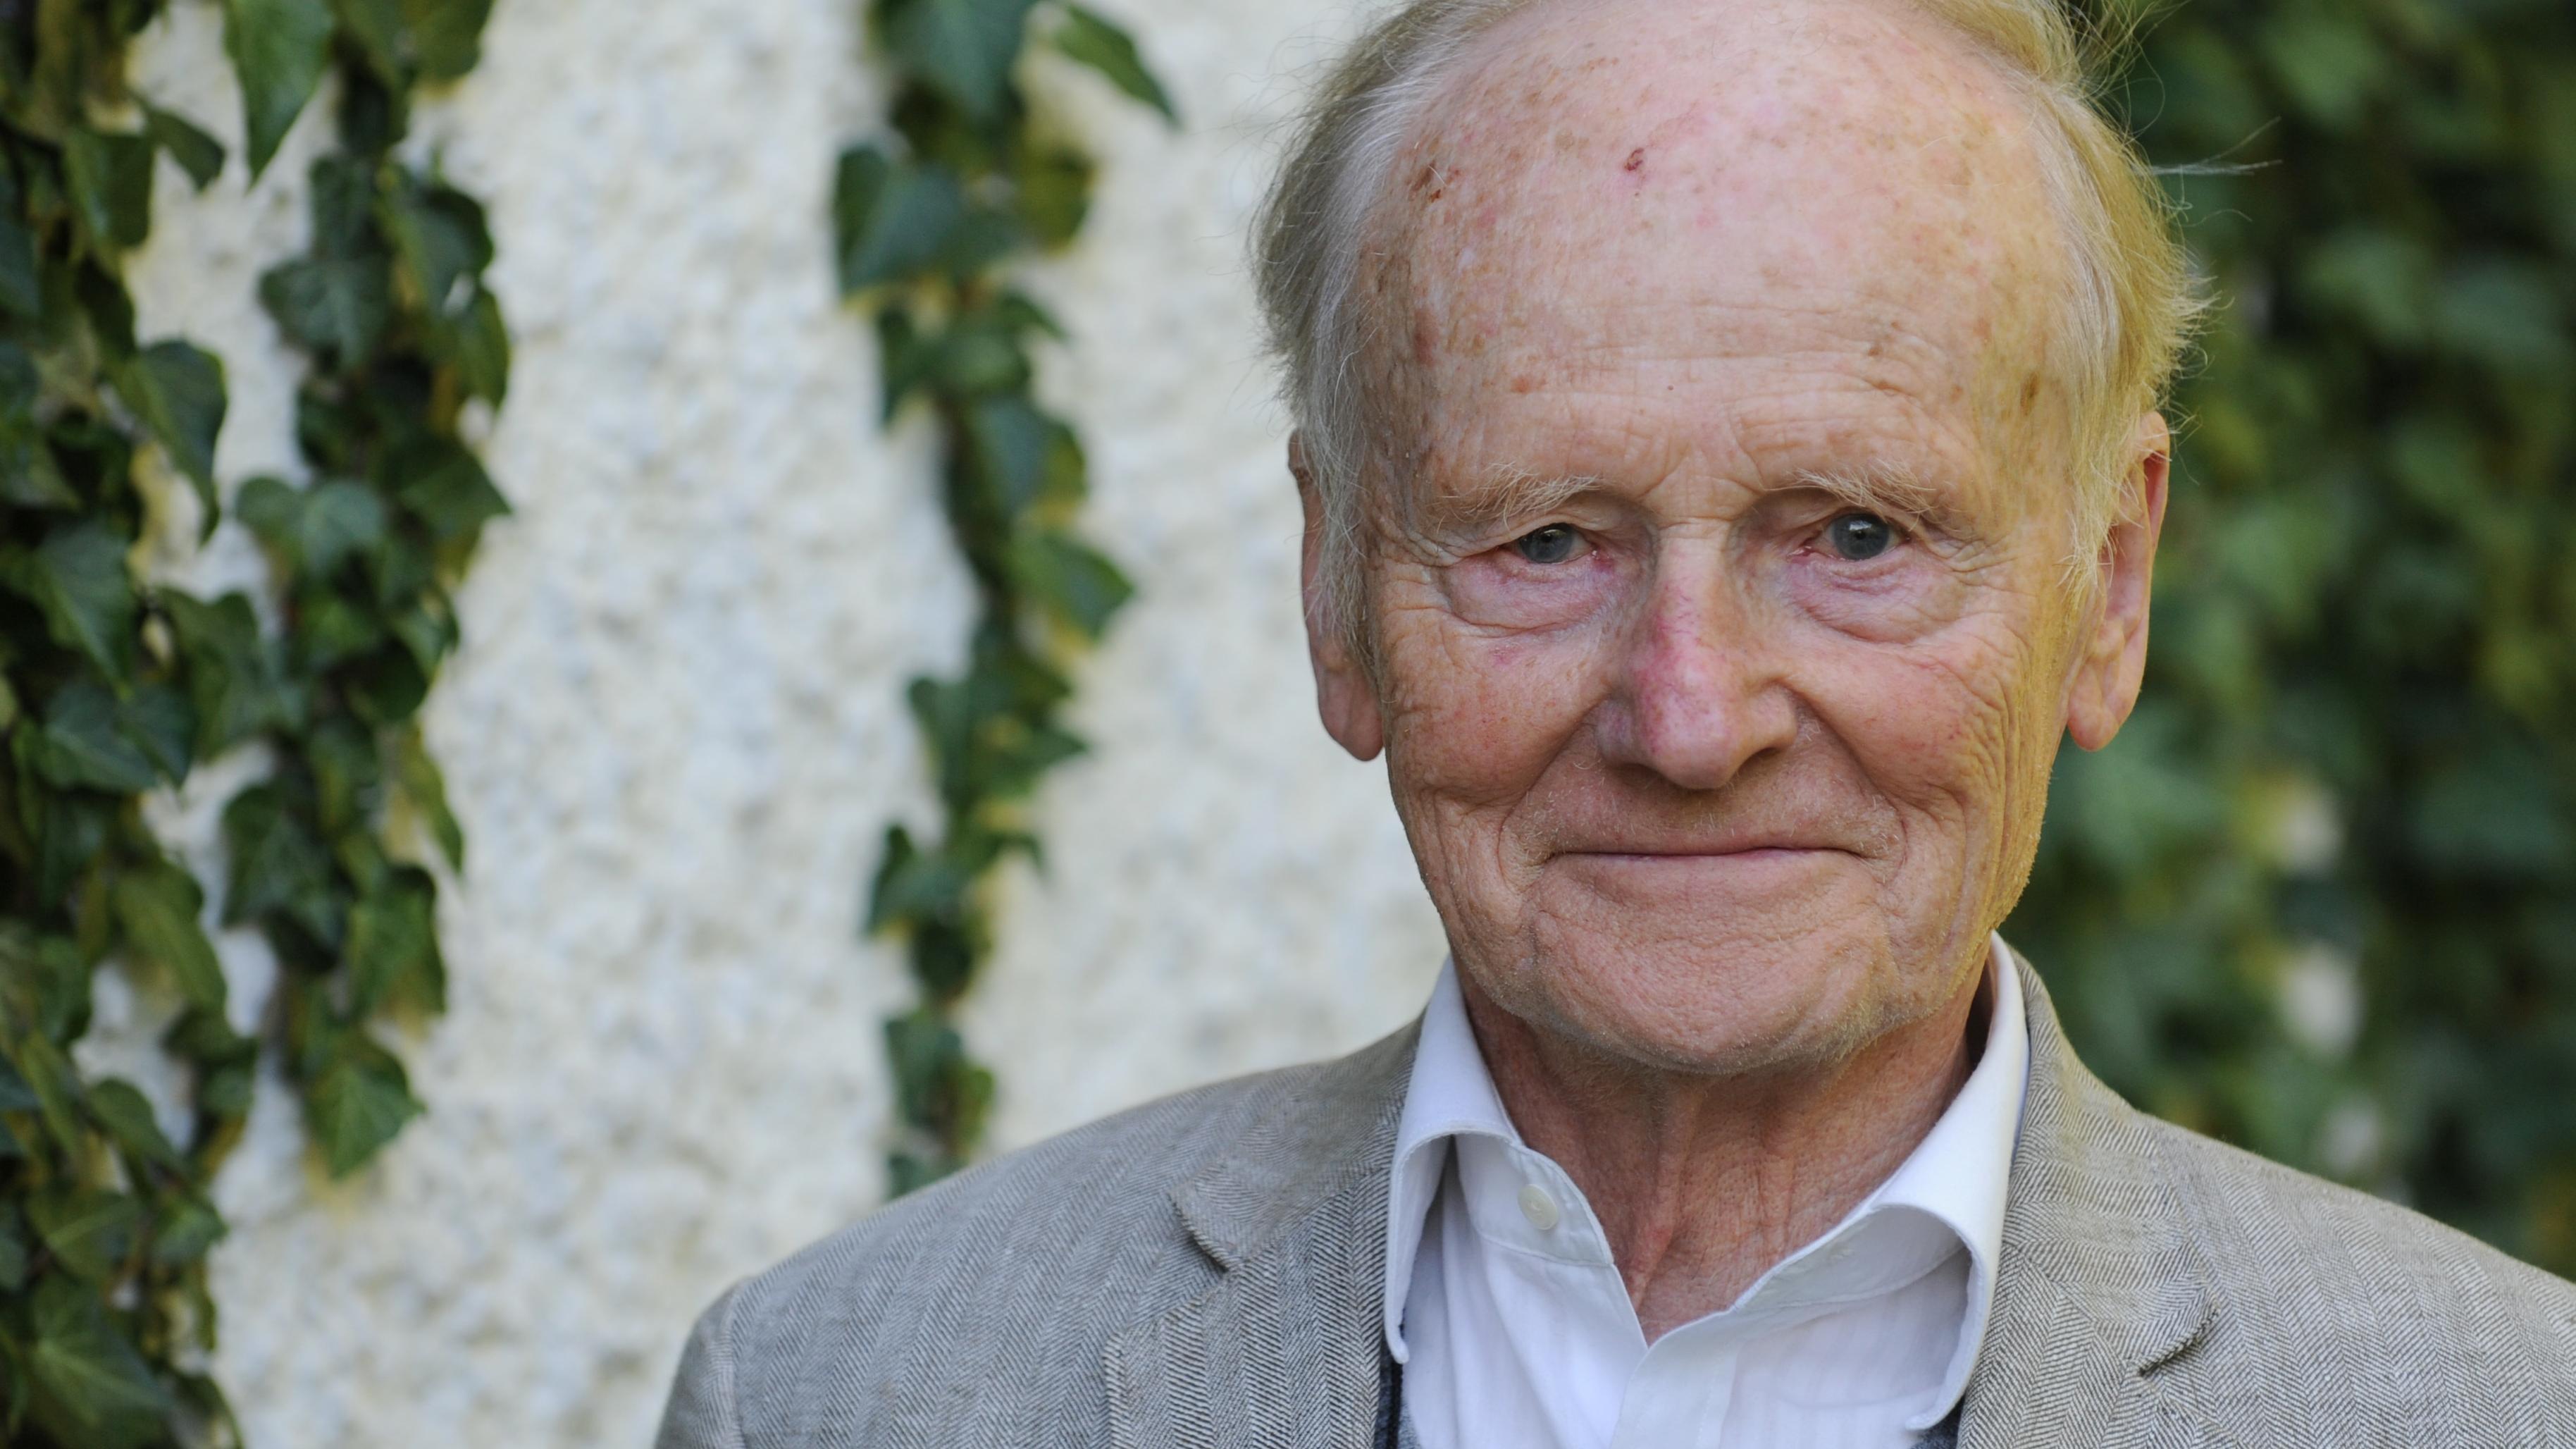 Philosoph Robert Spaemann lächelt vor einer von Efeu bewachsenen Mauer in die Kamera